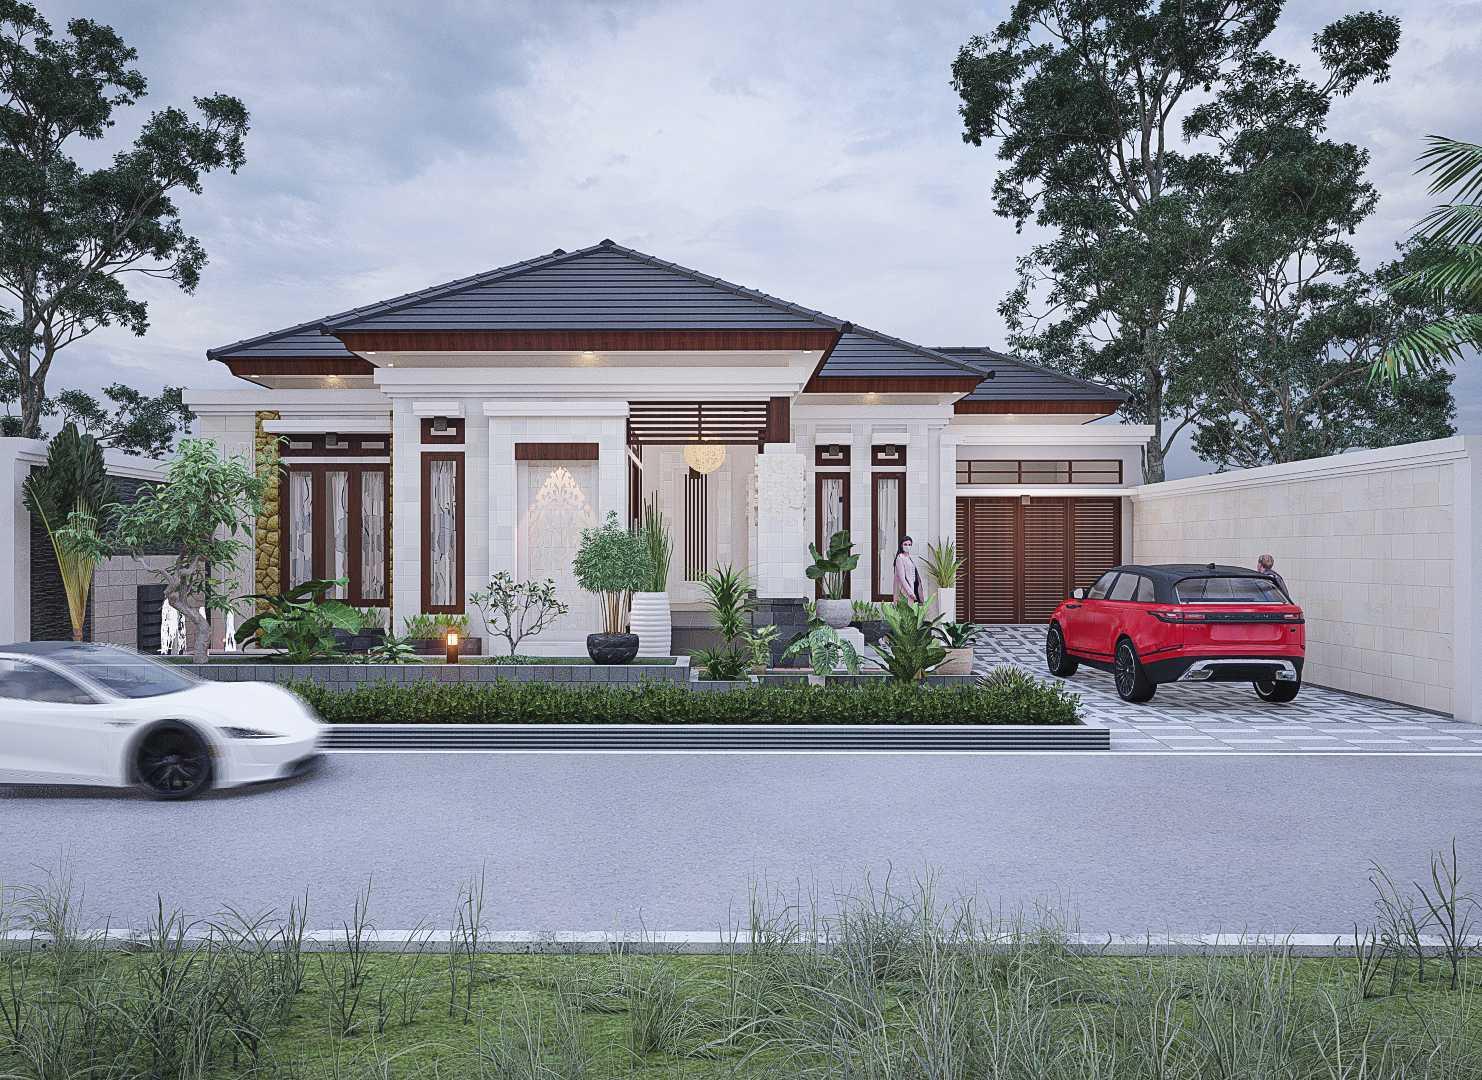 Bimasaka Arsitek & Kontruksi Desain Fasad Bali, Indonesia Bali, Indonesia Bimasaka-Arsitek-Kontruksi-Desain-Fasad   116791